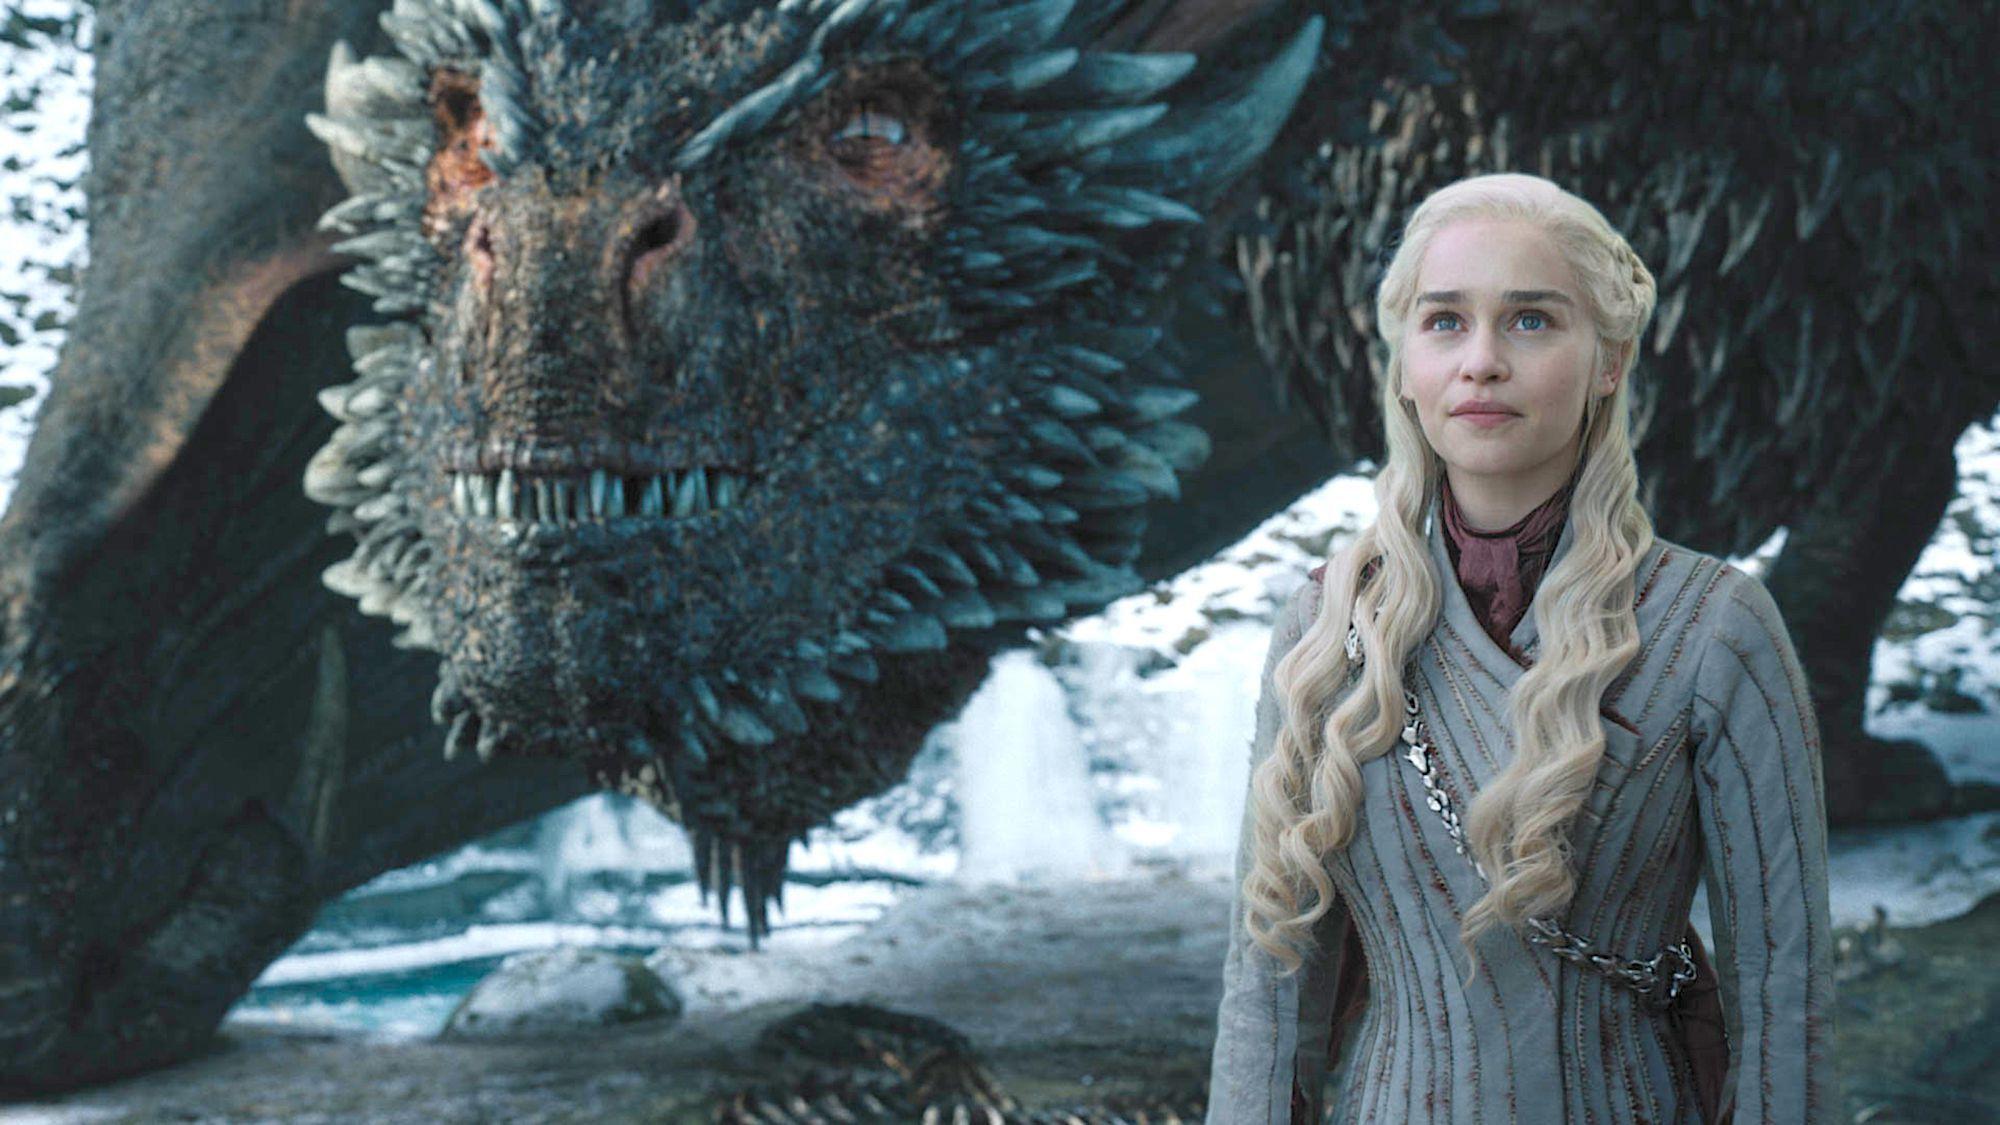 'Juego de tronos' prepara una nueva precuela sobre los Targaryen